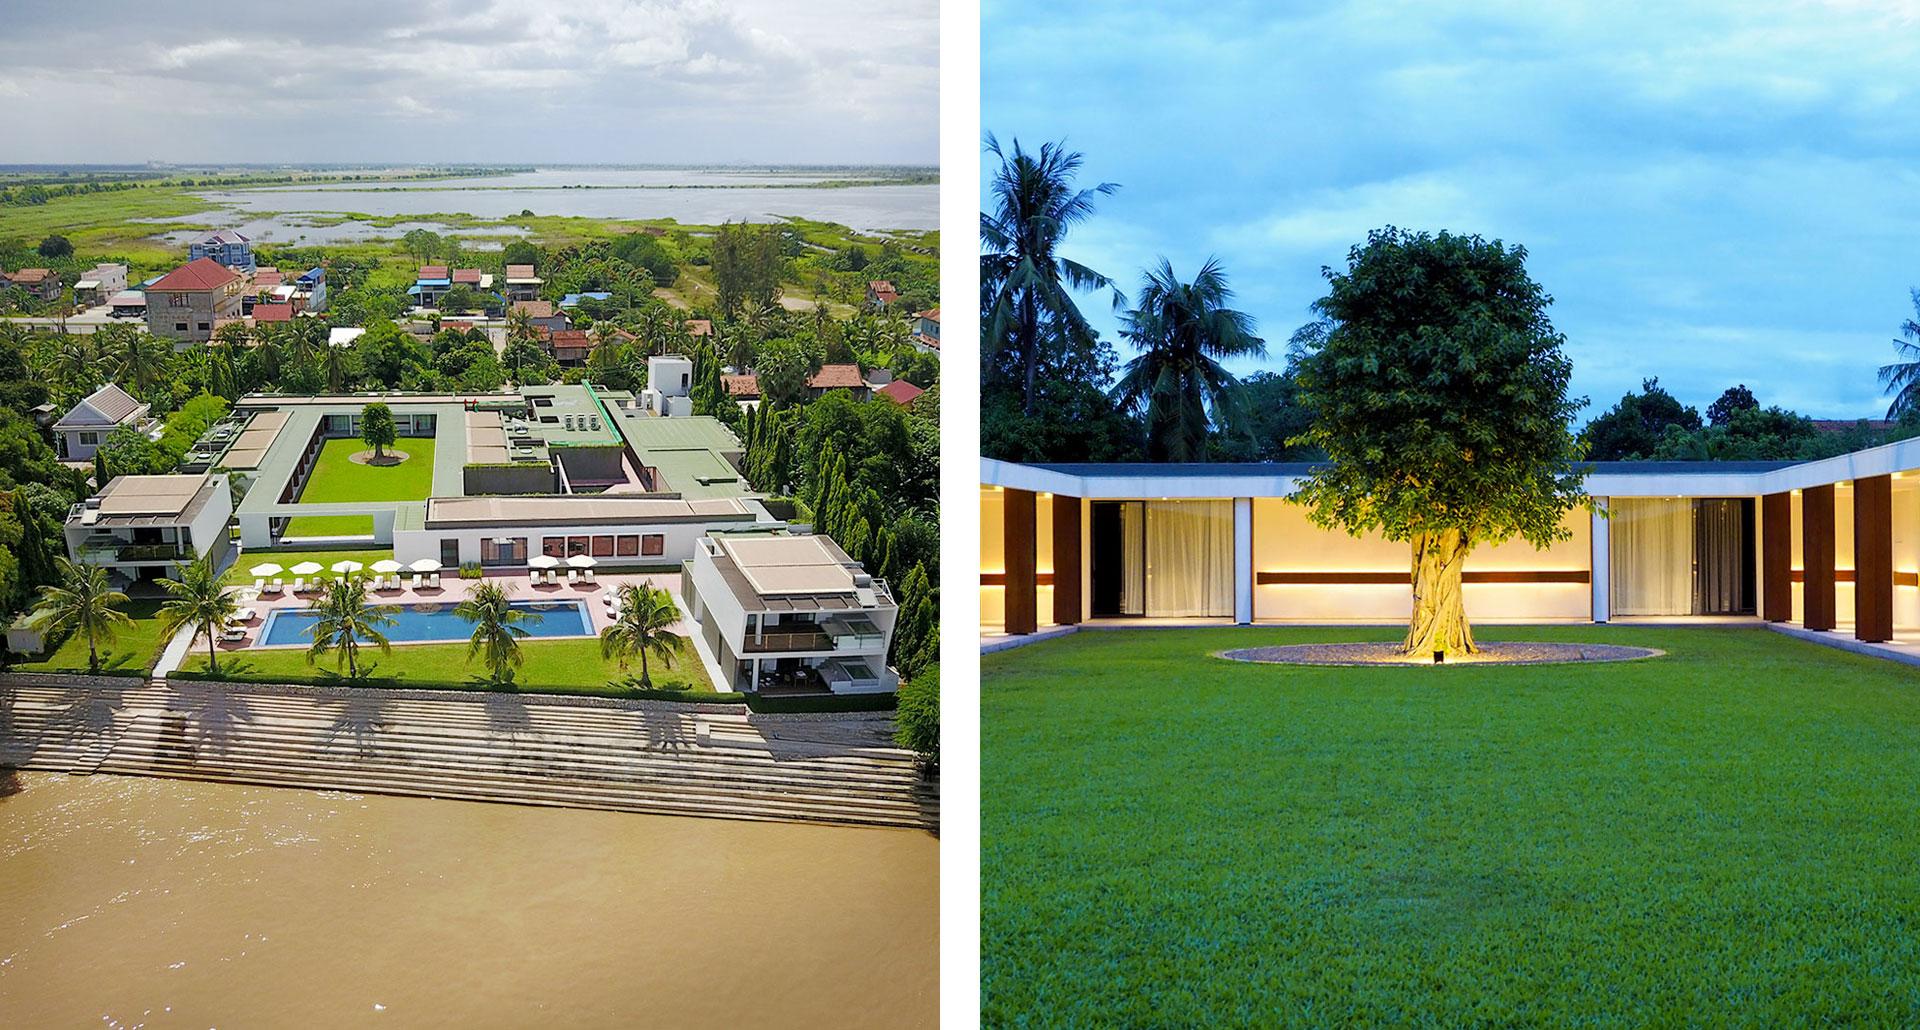 The Bale Phnom Penh - boutique hotel in Cambodia